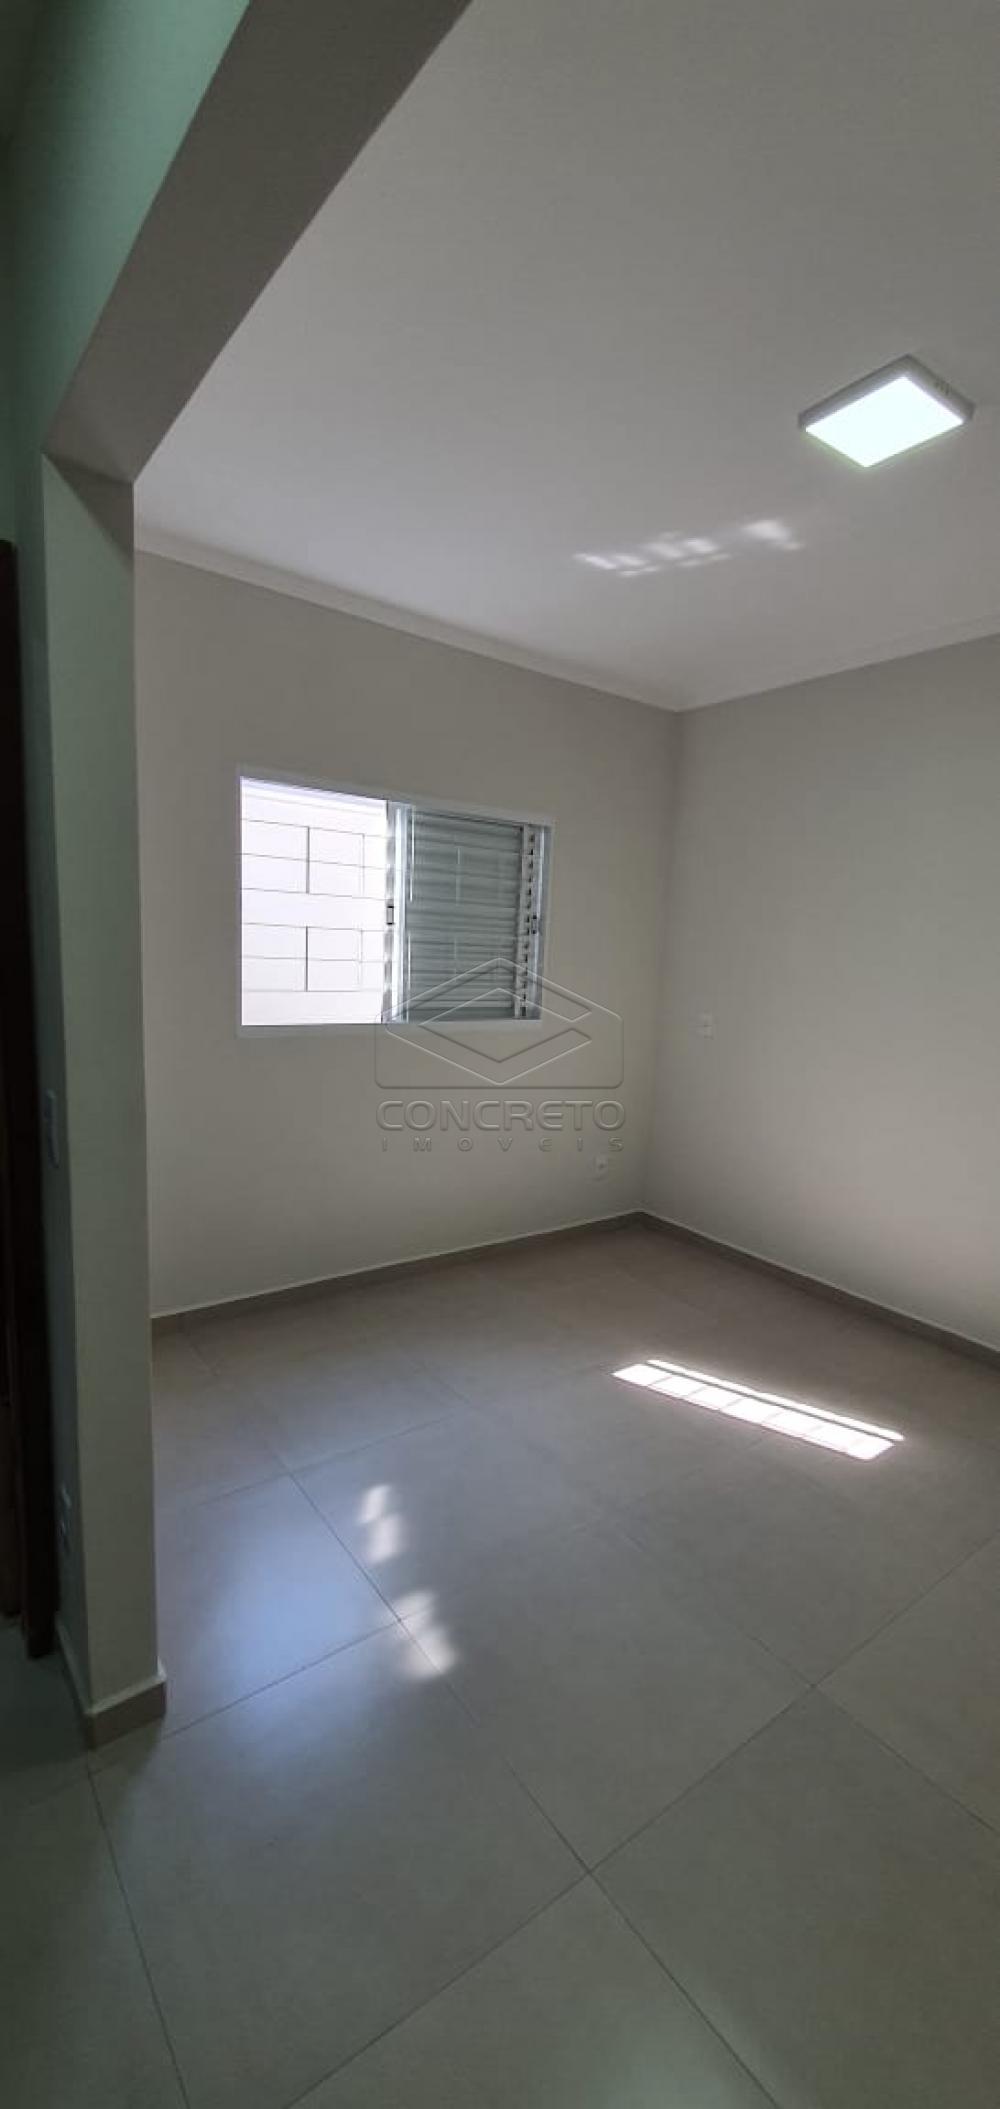 Comprar Casa / Padrão em Bauru R$ 350.000,00 - Foto 17